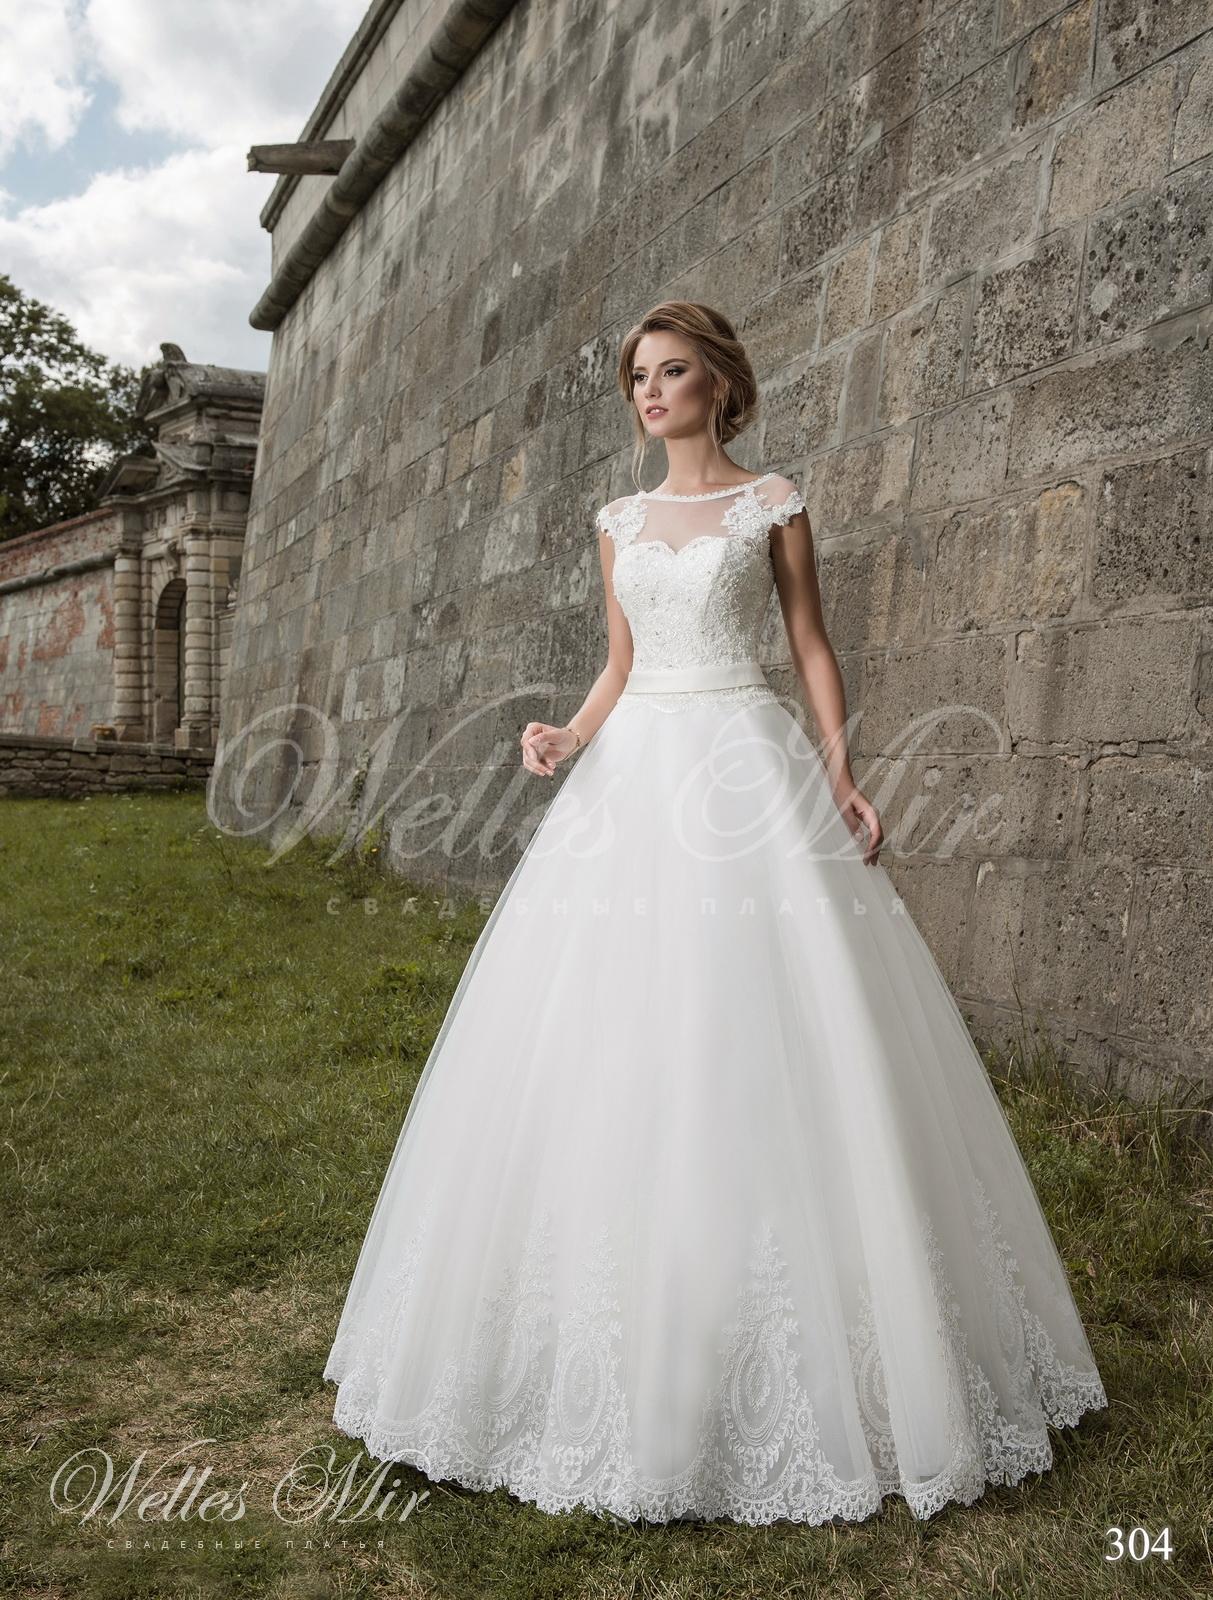 Свадебные платья Exquisite Collection - 304